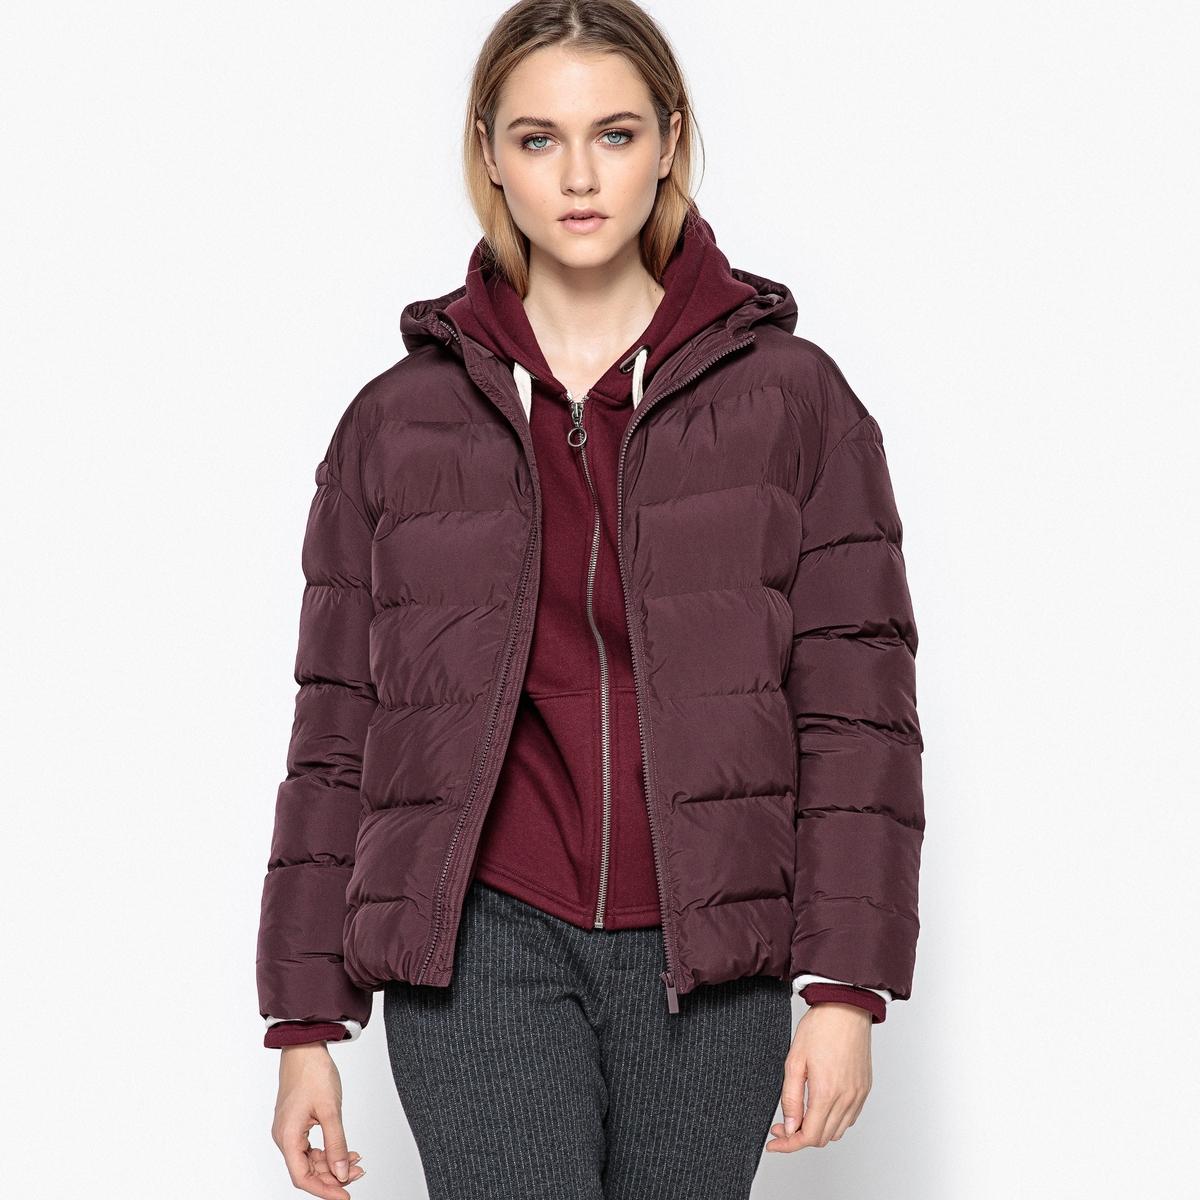 Куртка с капюшоном покроя оверсайзОписание:Теплая и удобная стеганая куртка возвращается этой зимой, чтобы вы выглядели стильно и не ощущали холодов .Детали •  Длина : укороченная   •  Круглый вырез •  Застежка на молнию •  С капюшономСостав и уход •  100% полиэстер •  Подкладка : 100% полиэстер •  Наполнитель : 100% полиэстер • Не стирать •  Деликатная чистка/без отбеливателей •  Не использовать барабанную сушку   •  Не гладить •  Длина : 65 см<br><br>Цвет: бордовый,темно-синий<br>Размер: 52 (FR) - 58 (RUS).50 (FR) - 56 (RUS).46 (FR) - 52 (RUS).44 (FR) - 50 (RUS).44 (FR) - 50 (RUS).48 (FR) - 54 (RUS).42 (FR) - 48 (RUS).48 (FR) - 54 (RUS).42 (FR) - 48 (RUS).46 (FR) - 52 (RUS)